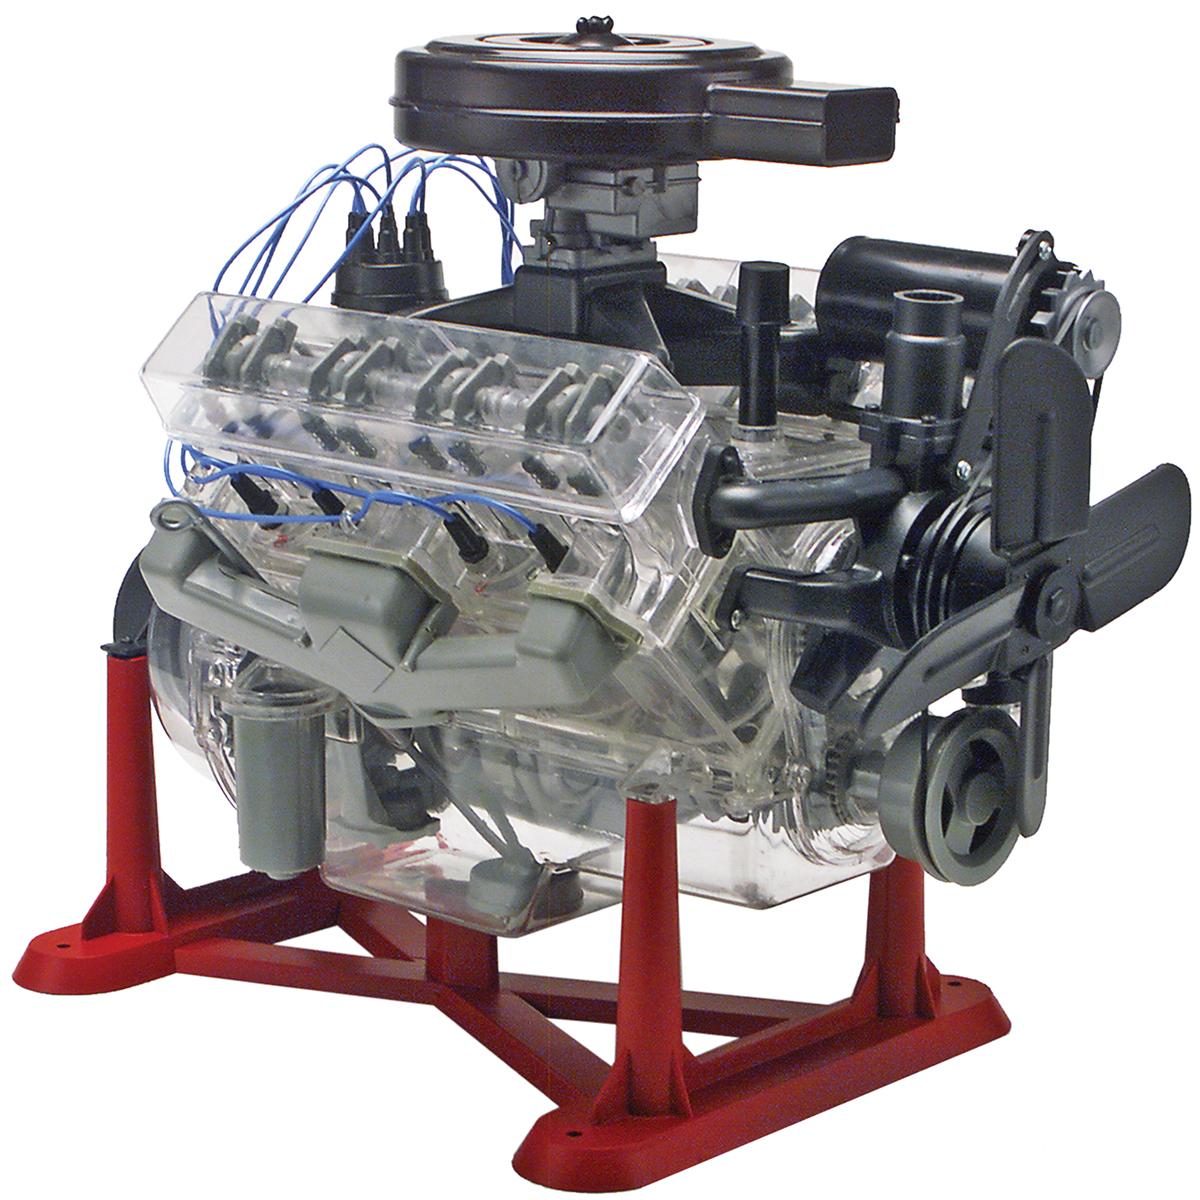 Plastic Model Kit-Visible V-8 Engine 1:25 by Revell